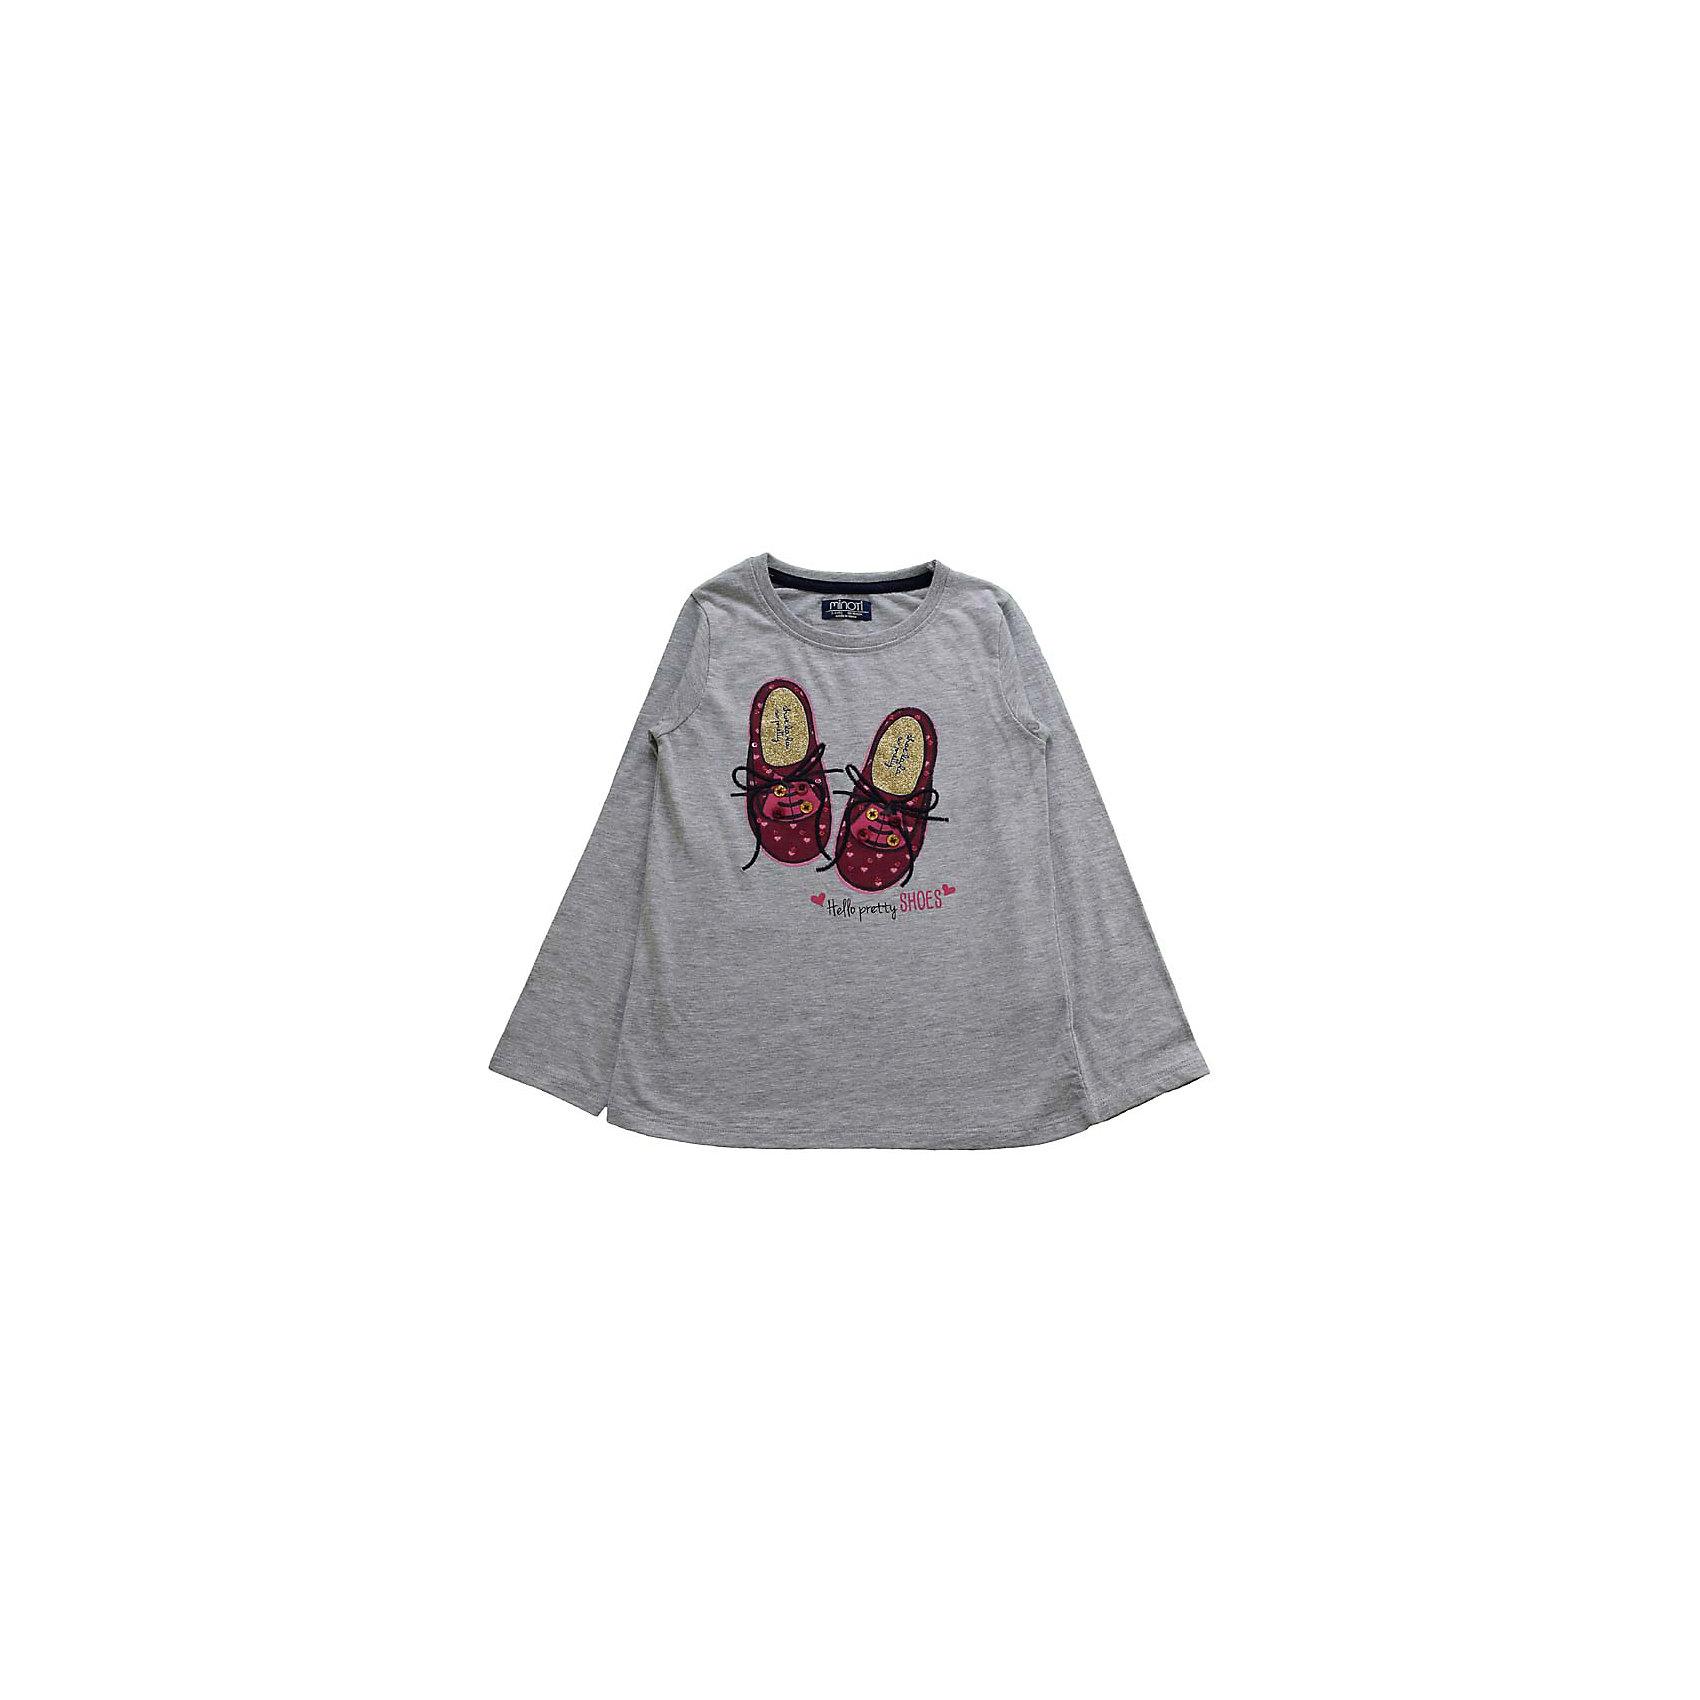 Футболка с длинным рукавом для девочки MinotiФутболка с длинным рукавом для девочки от популярной английской марки Minoti<br><br>Модная футболка отличается продуманным кроем и эффектным дизайном. Модель легко надевается, отлично смотрится, не стесняет движения. Материал содержит натуральный хлопок, гипоаллергенный, дышащий и приятный на ощупь.<br><br>Особенности модели:<br><br>- цвет: серый;<br>- рукав длинный;<br>- материал - трикотаж;<br>- принт с блестящими элементами и пуговицами;<br>- контрастная запечатка внутренних швов;<br>- ворот круглый, с окантовкой.<br><br>Дополнительная информация:<br><br>Состав: 100% хлопок<br><br>Уход за изделием:<br><br>стирка в машине при температуре до 30°С,<br>не отбеливать,<br>гладить на средней температуре.<br><br>Футболку с длинным рукавом для девочки от Minoti (Минотти) можно купить в нашем магазине<br><br>Ширина мм: 190<br>Глубина мм: 74<br>Высота мм: 229<br>Вес г: 236<br>Цвет: серый<br>Возраст от месяцев: 24<br>Возраст до месяцев: 36<br>Пол: Женский<br>Возраст: Детский<br>Размер: 92/98,80/86,86/92,98/104<br>SKU: 4263354